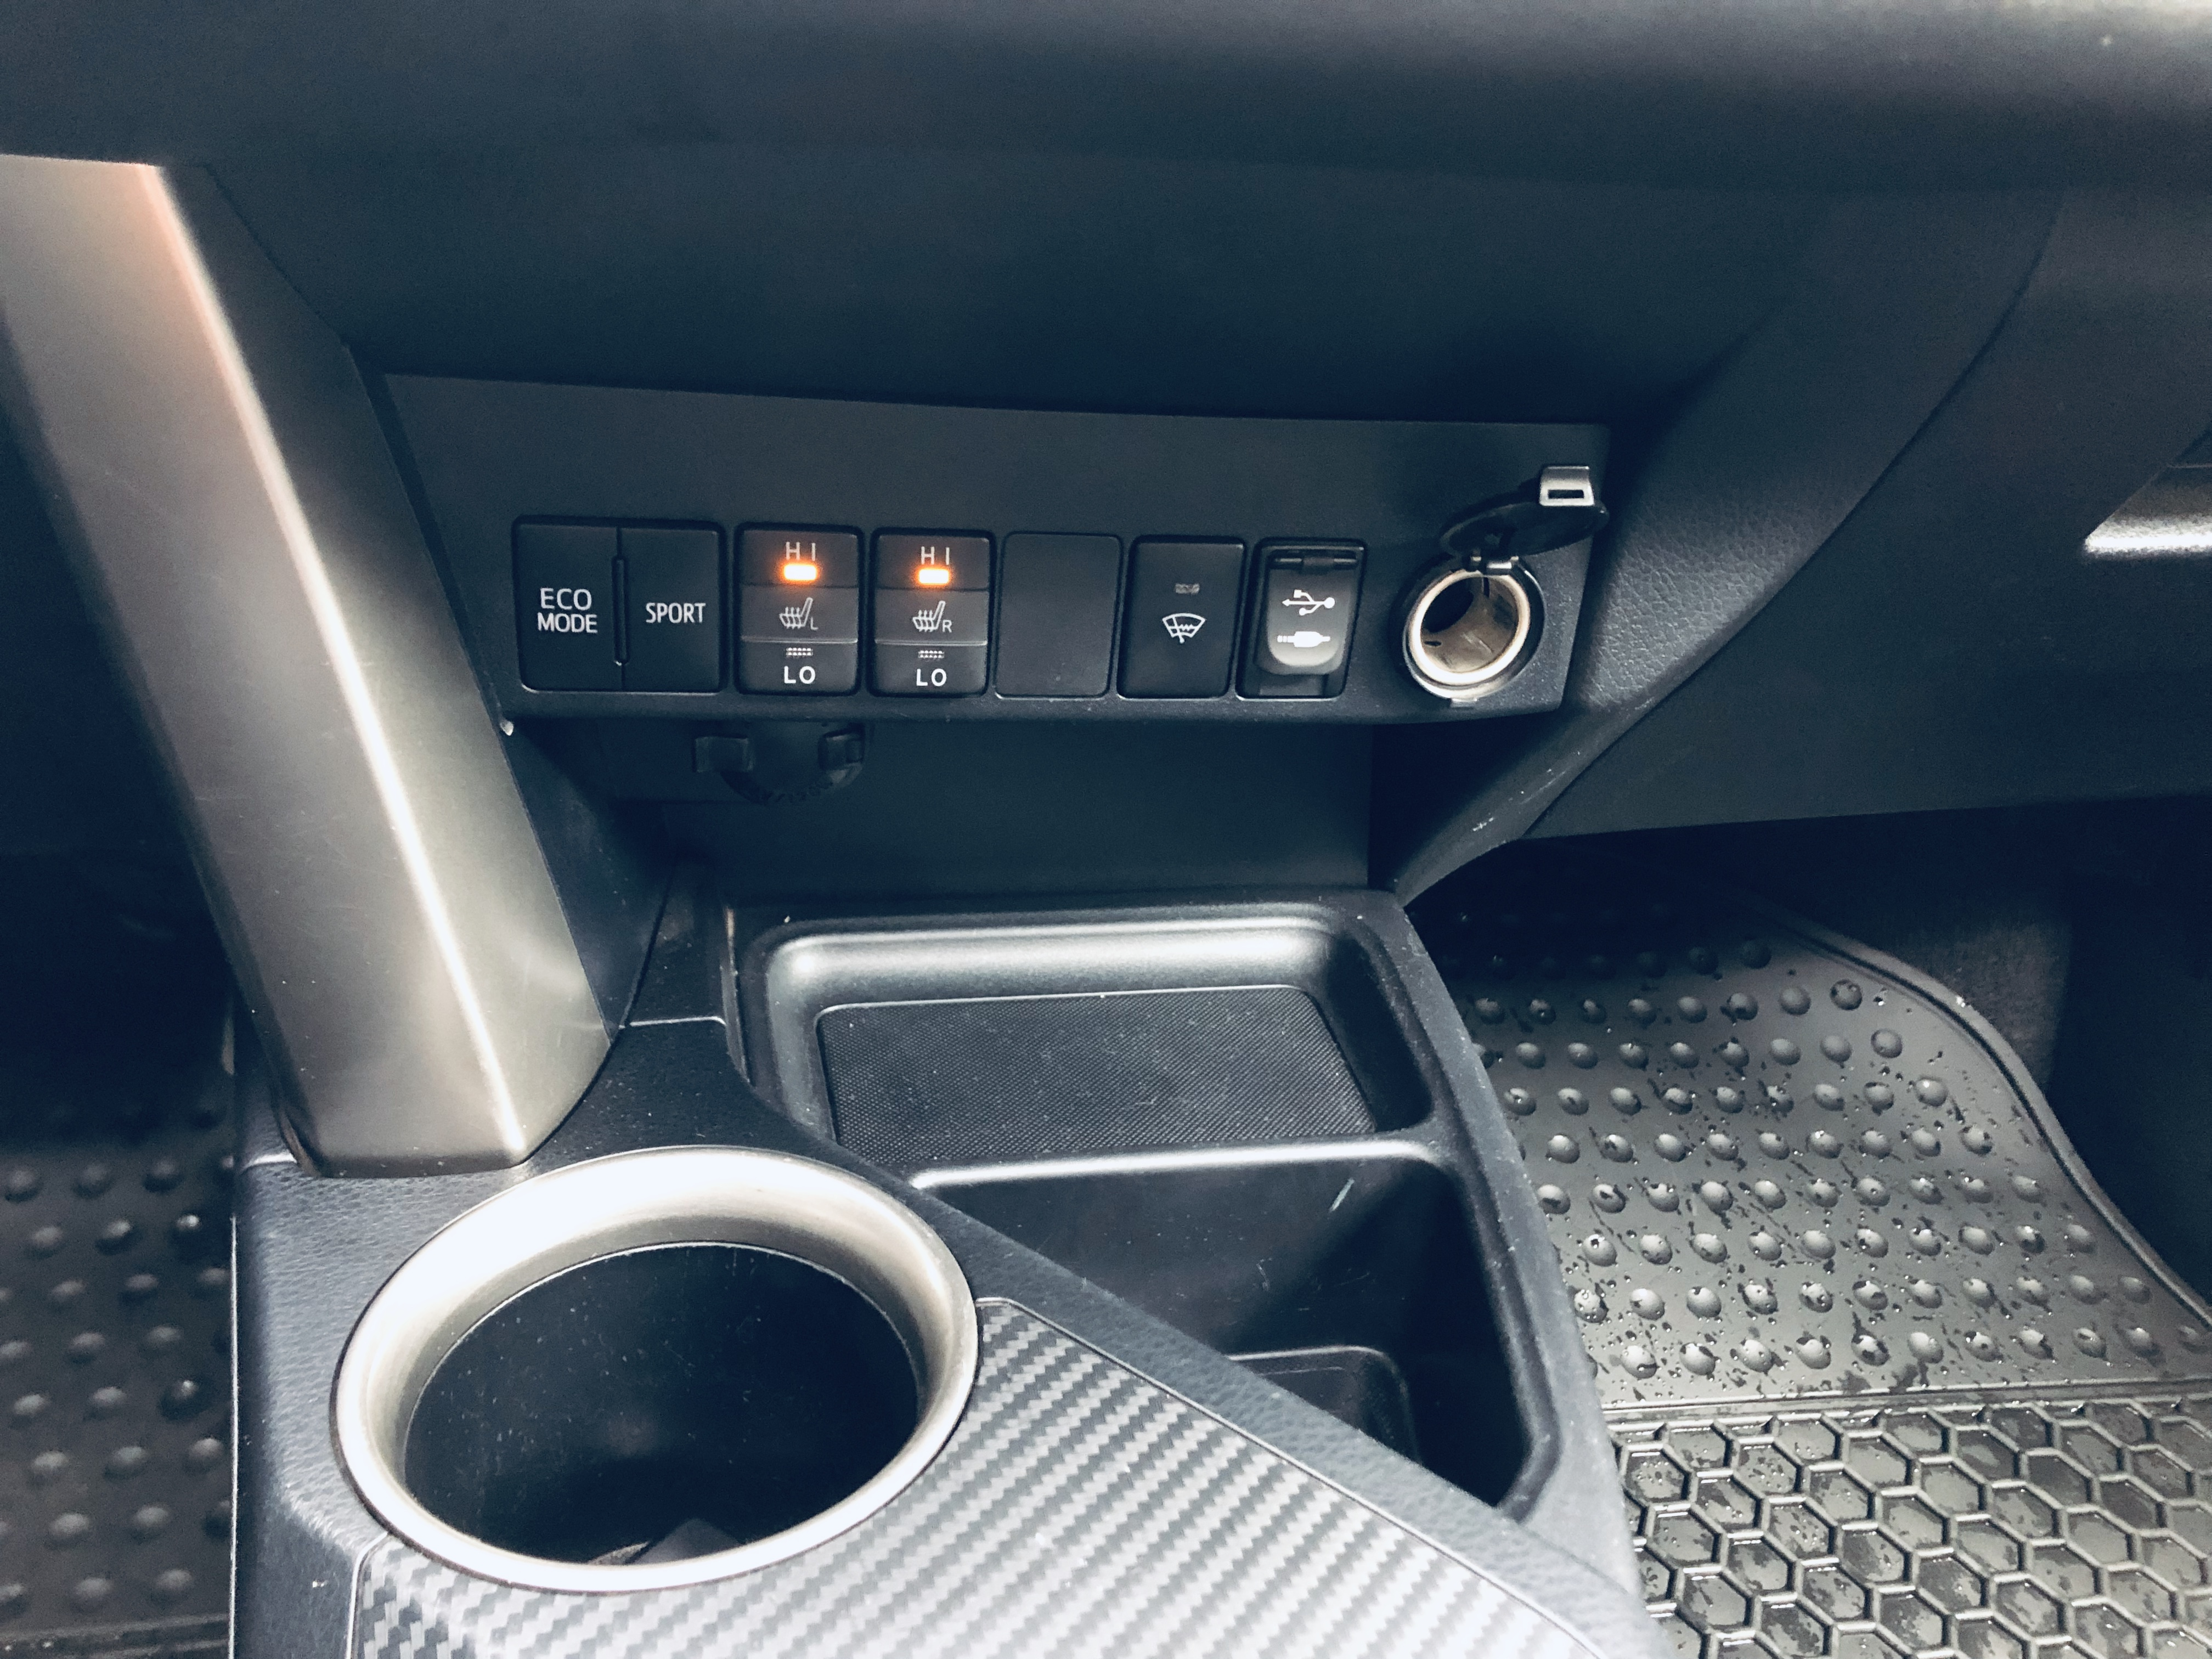 Toyota RAV 4 2.5(lt) 2014 Подержанный  $25900